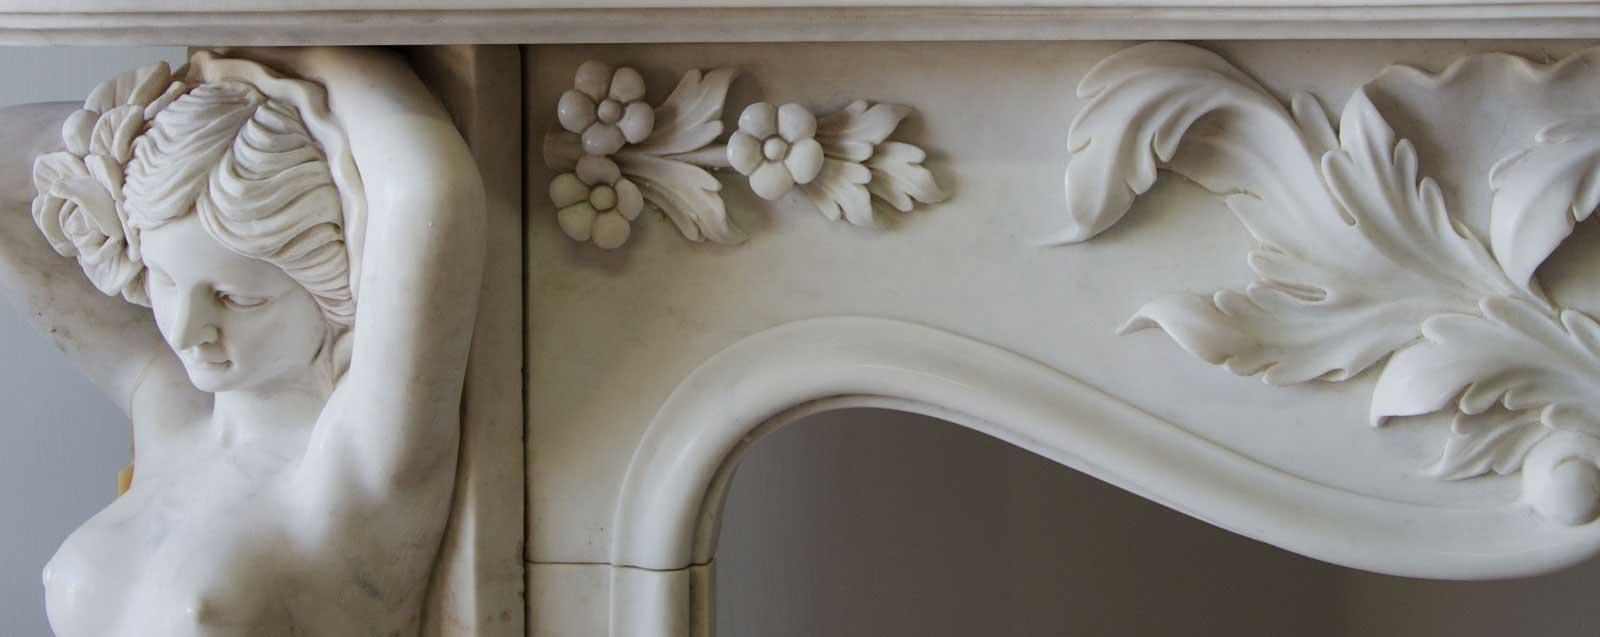 Perché il marmo di Carrara è pregiato?